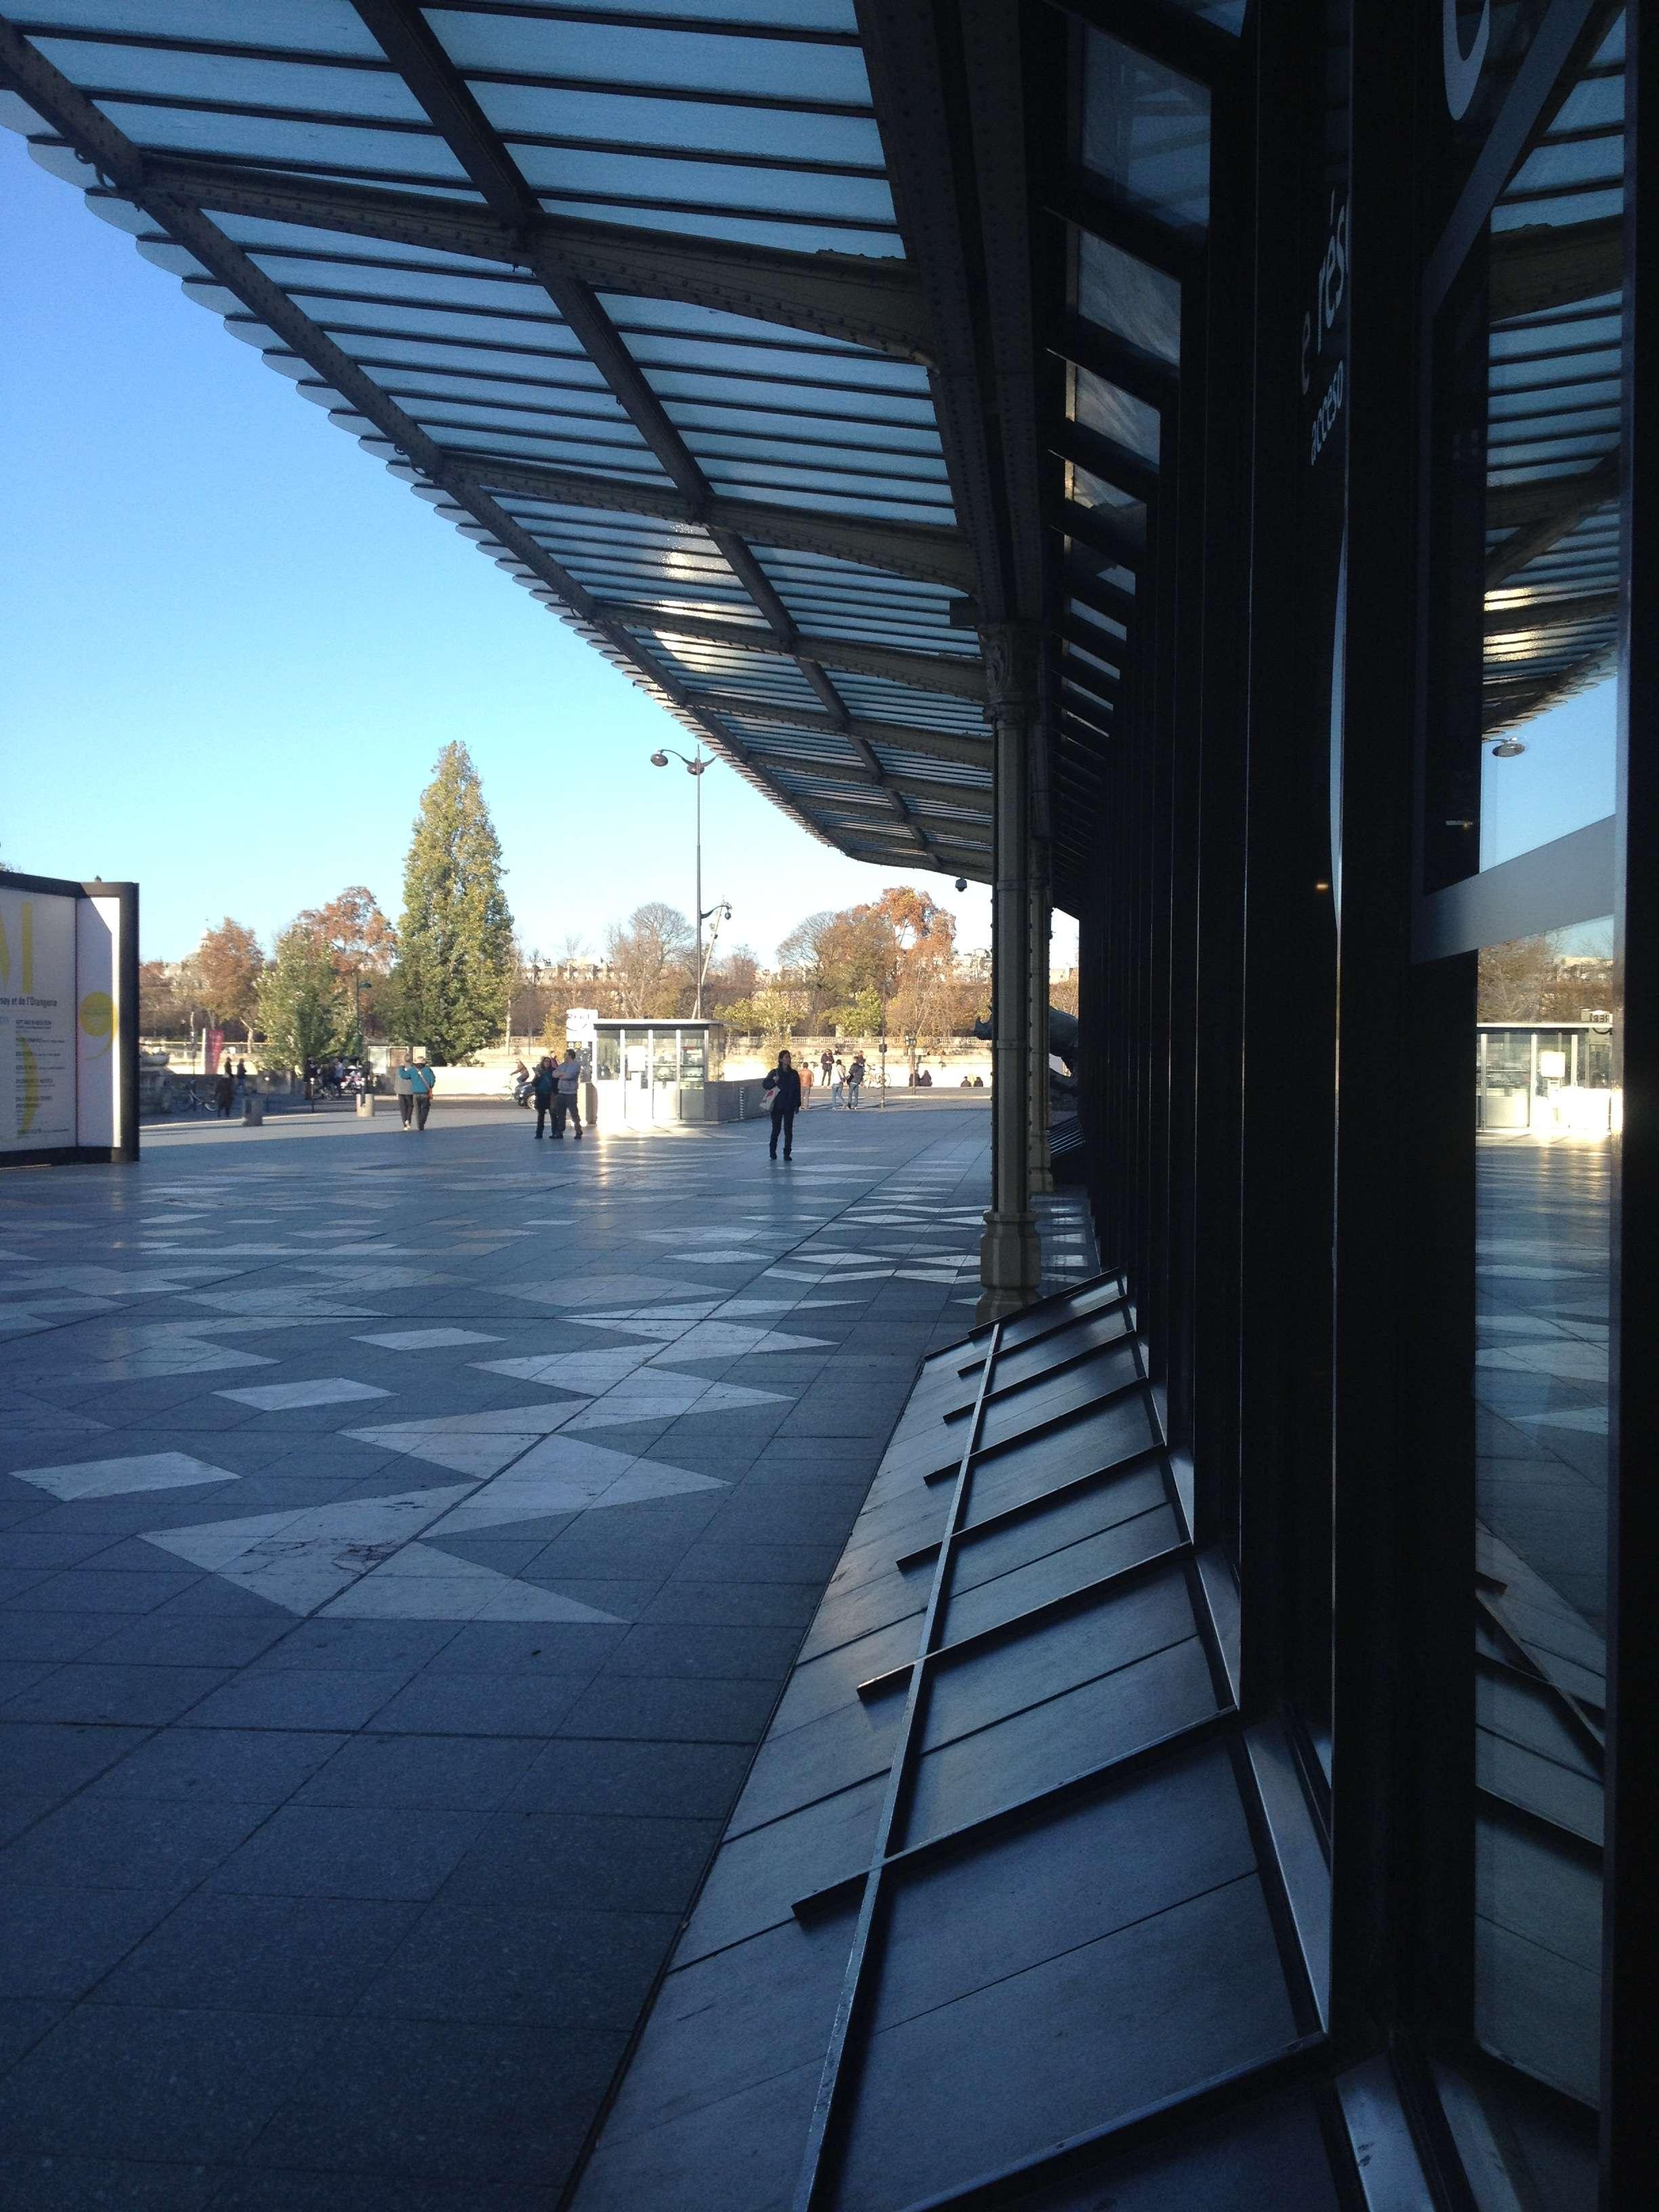 Aici de obicei stau sute de oameni la coadà ca sà intre la Musée d'Orsay